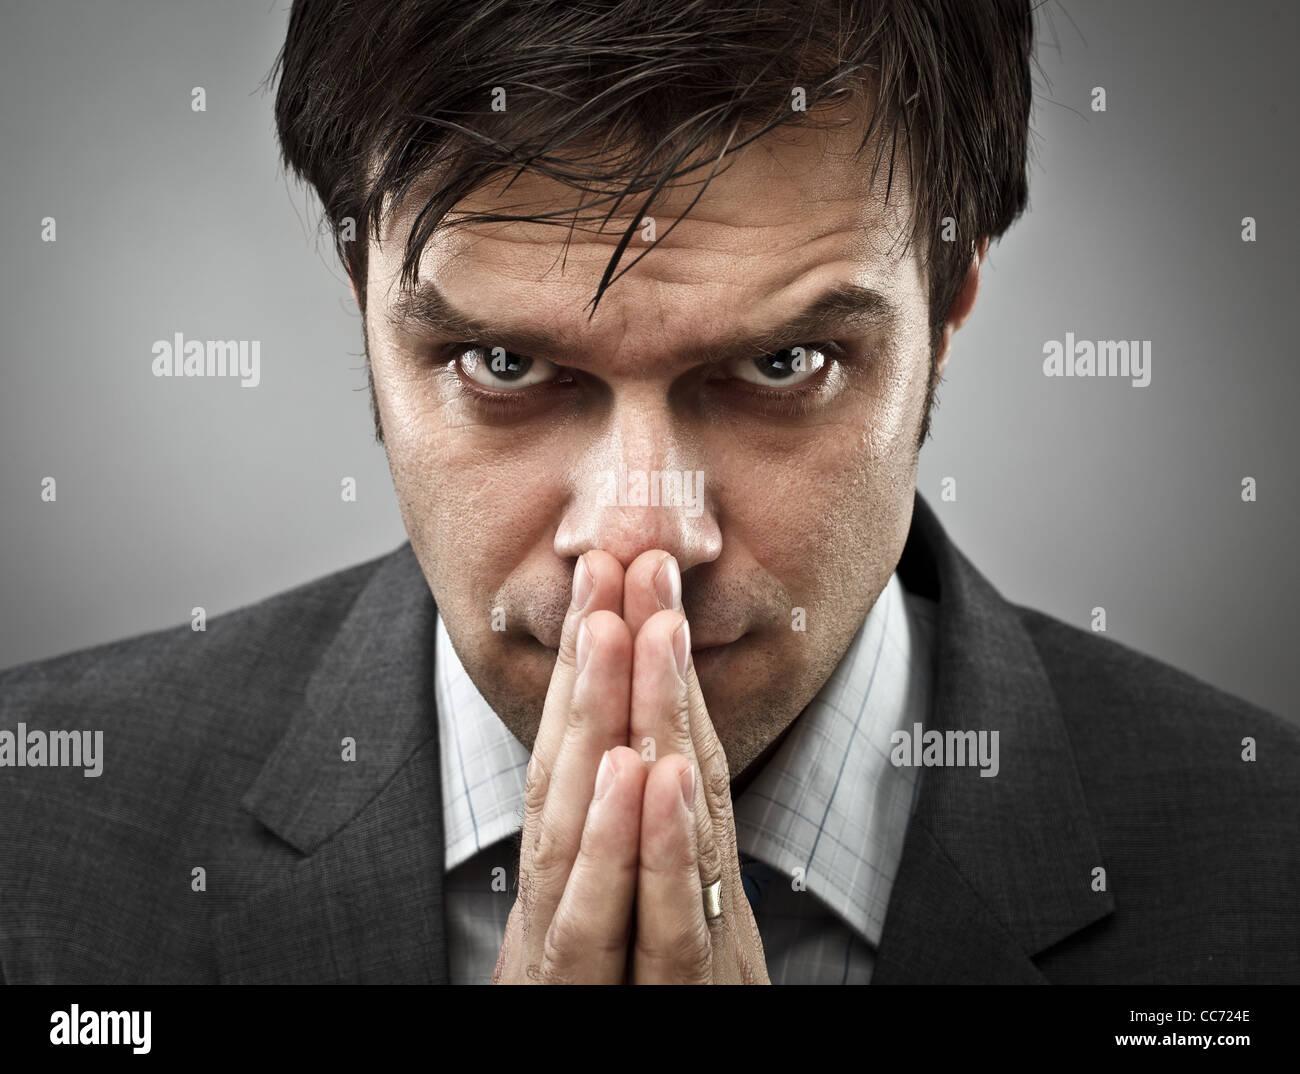 Jeune homme avec une expression de concentration intense Photo Stock